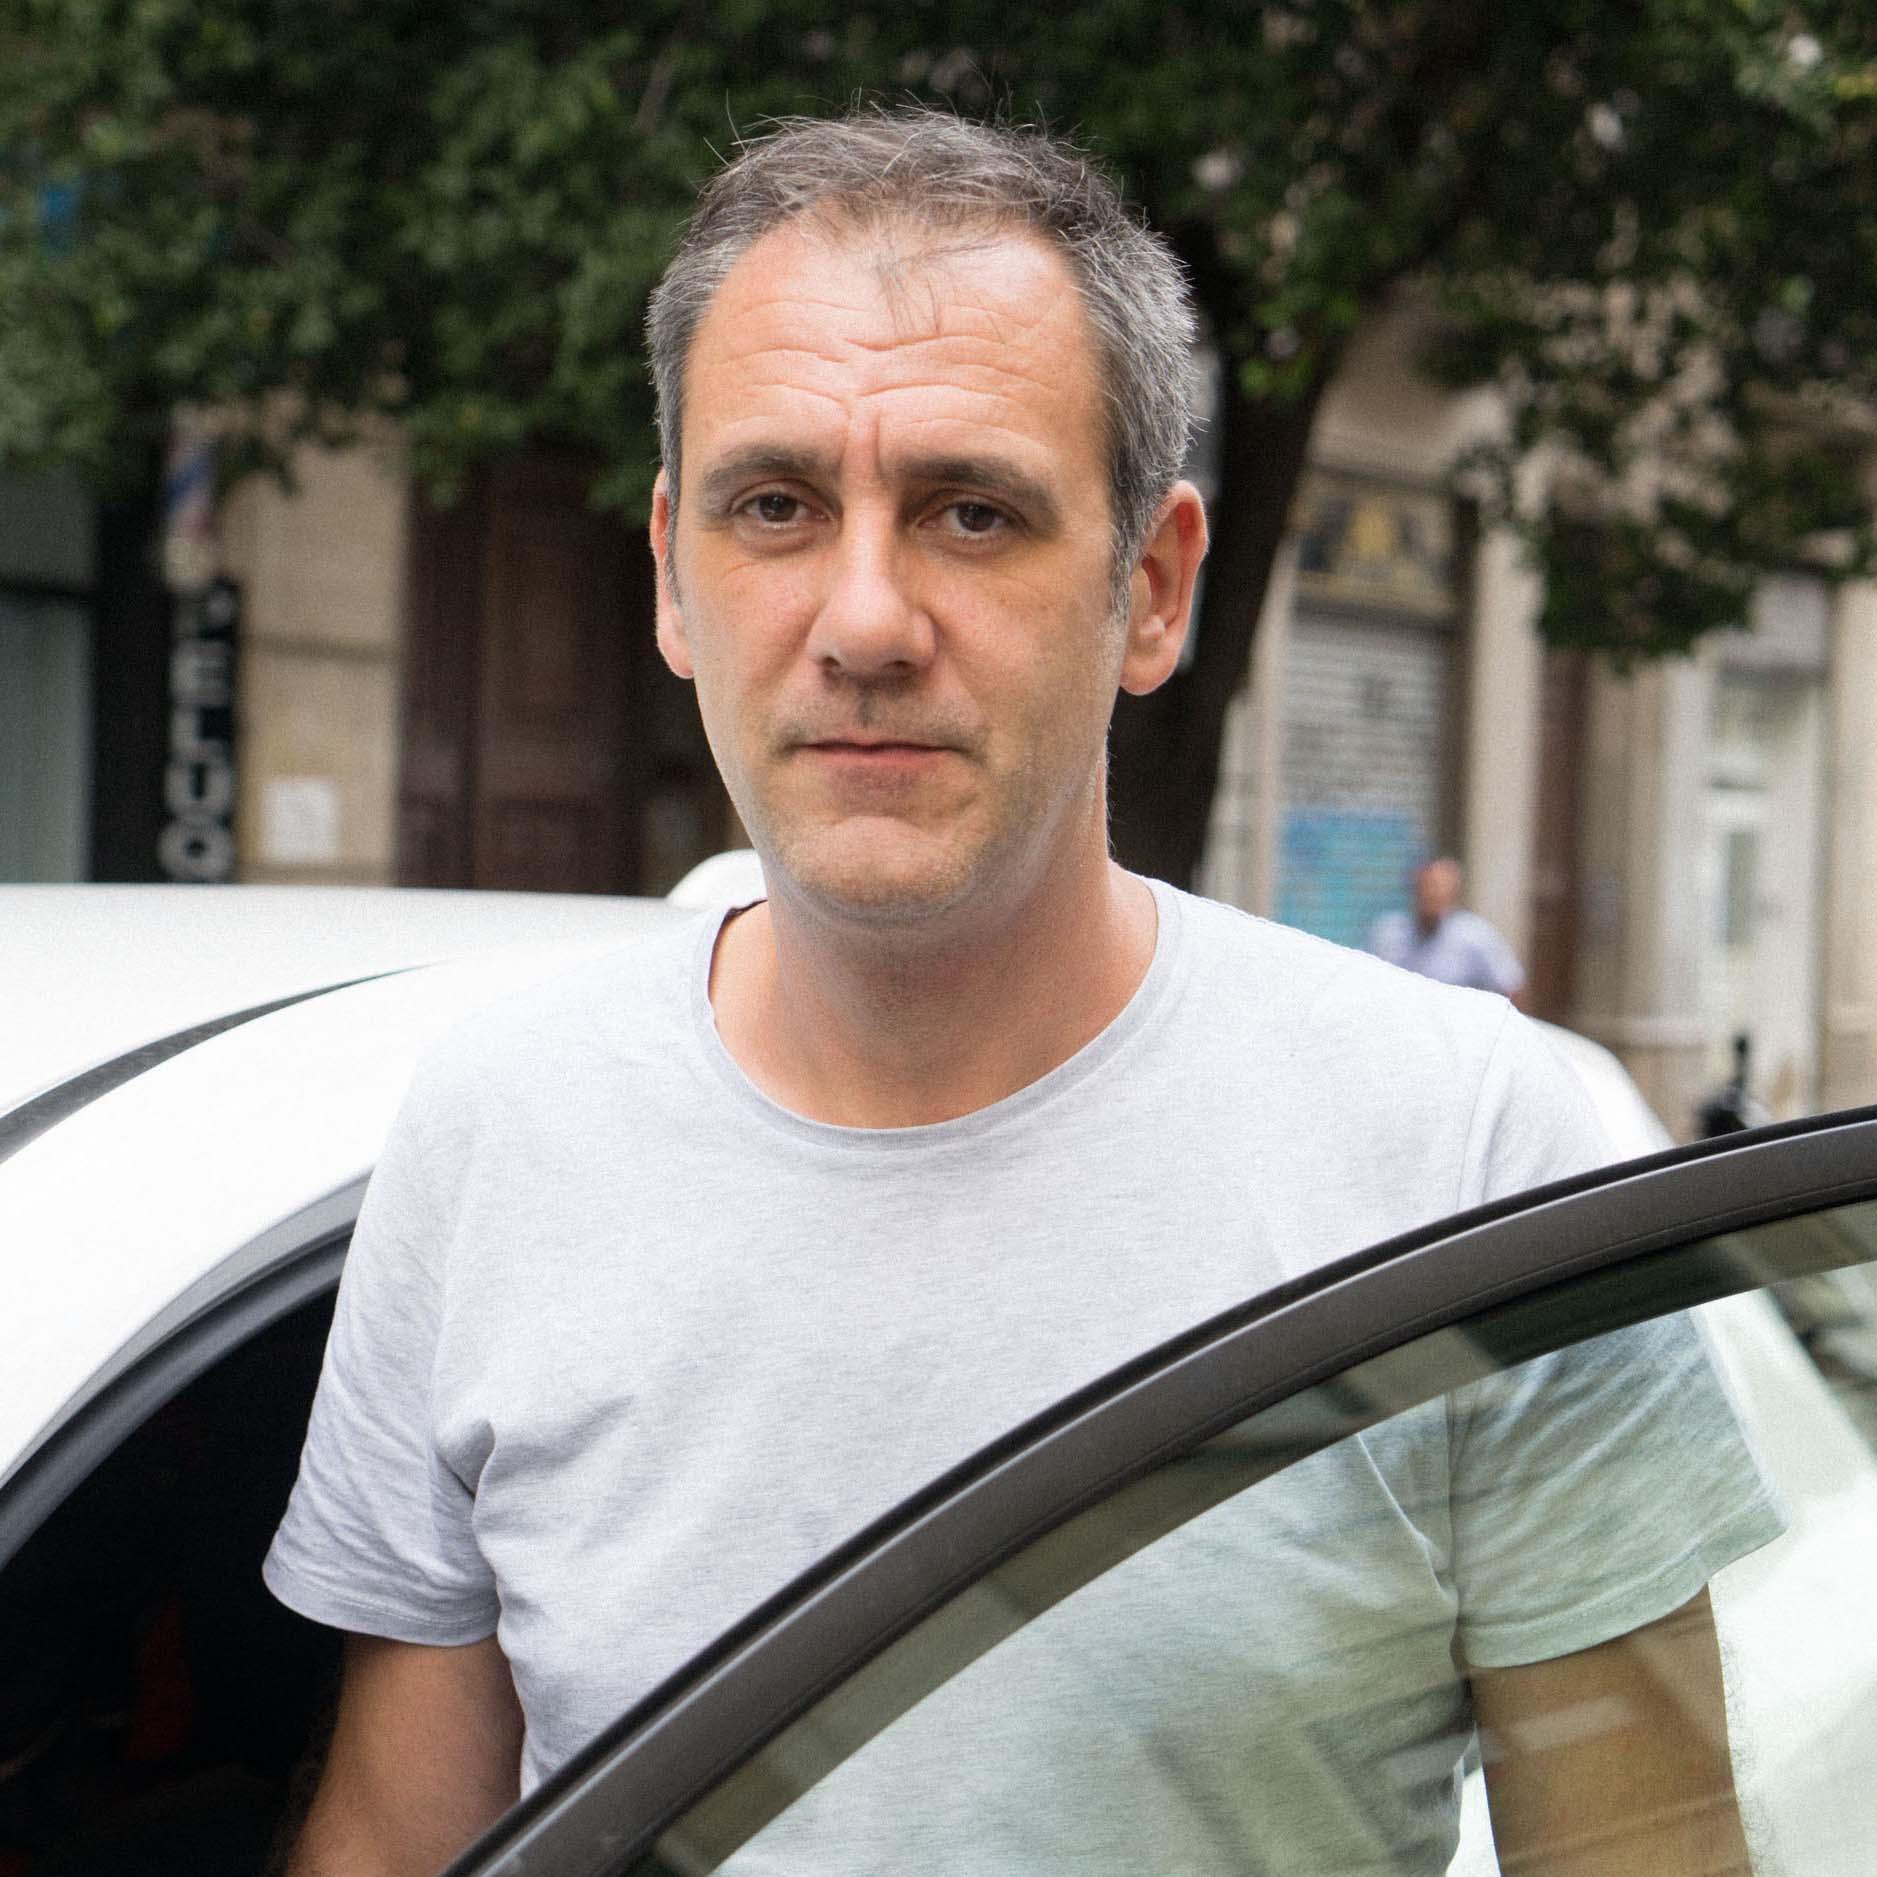 David Bello